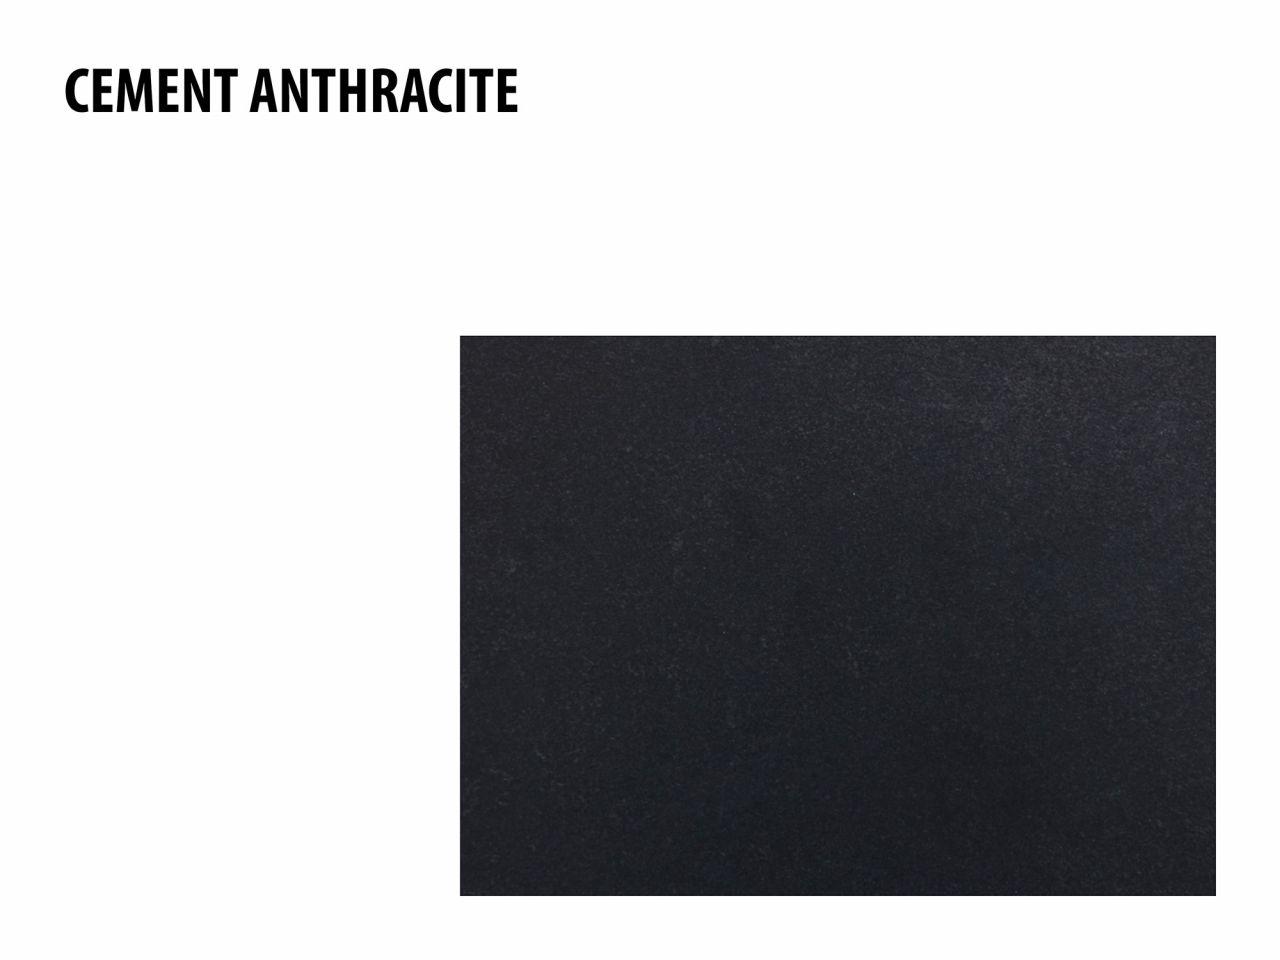 Solpuri Keramik cement anthracite